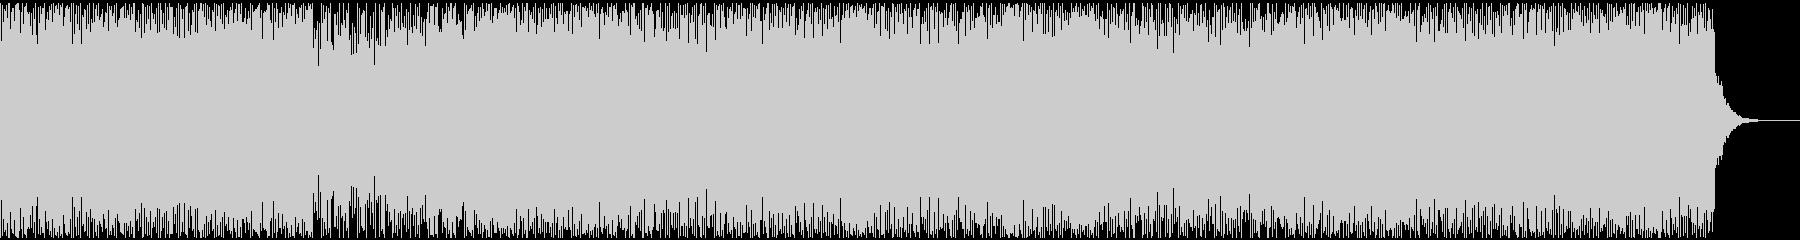 1コードで構成されたミニマルなテクノの未再生の波形